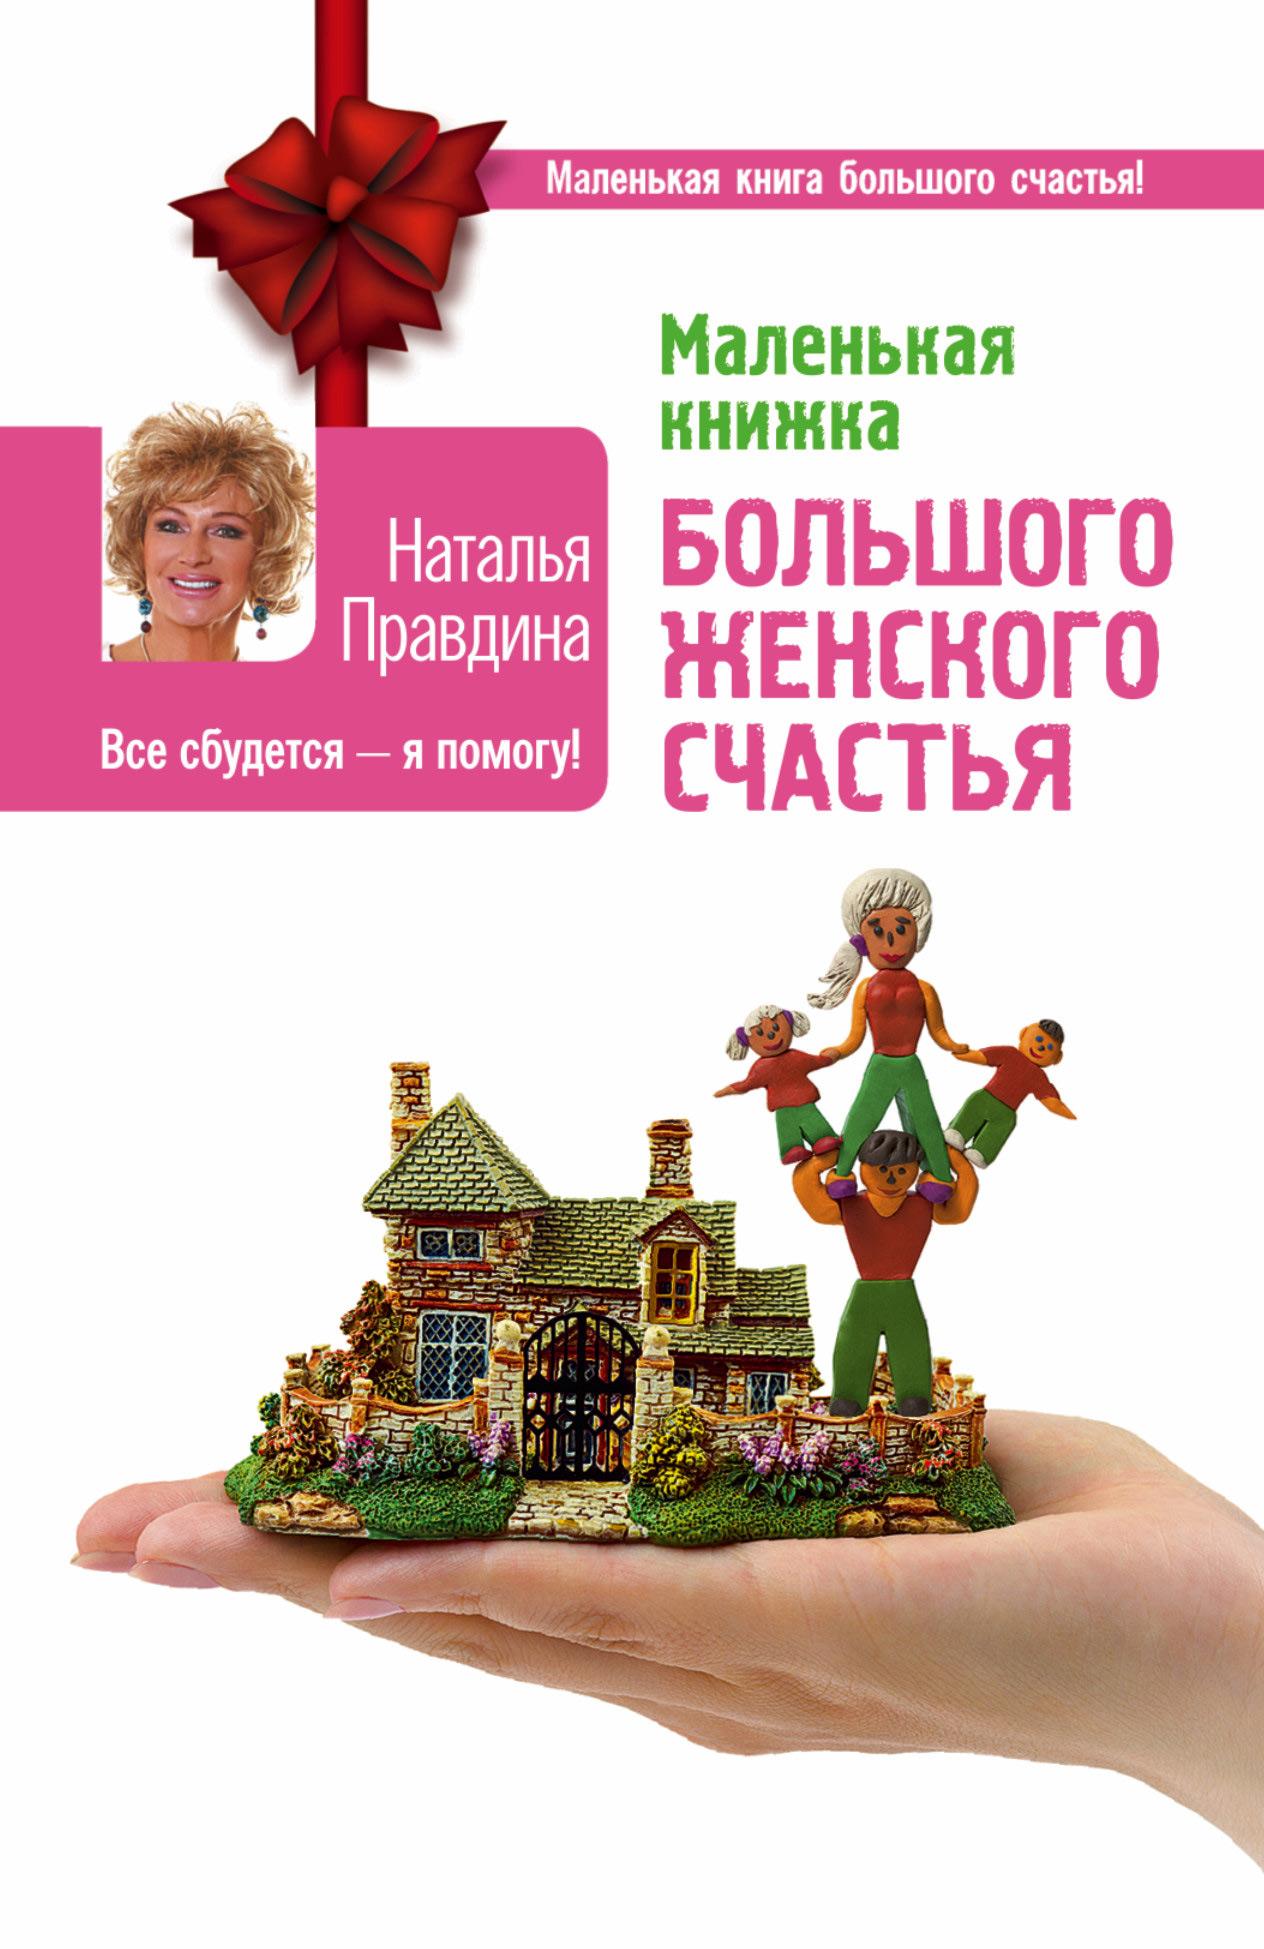 Маленькая книжка большого женского счастья. Все сбудется – я помогу!